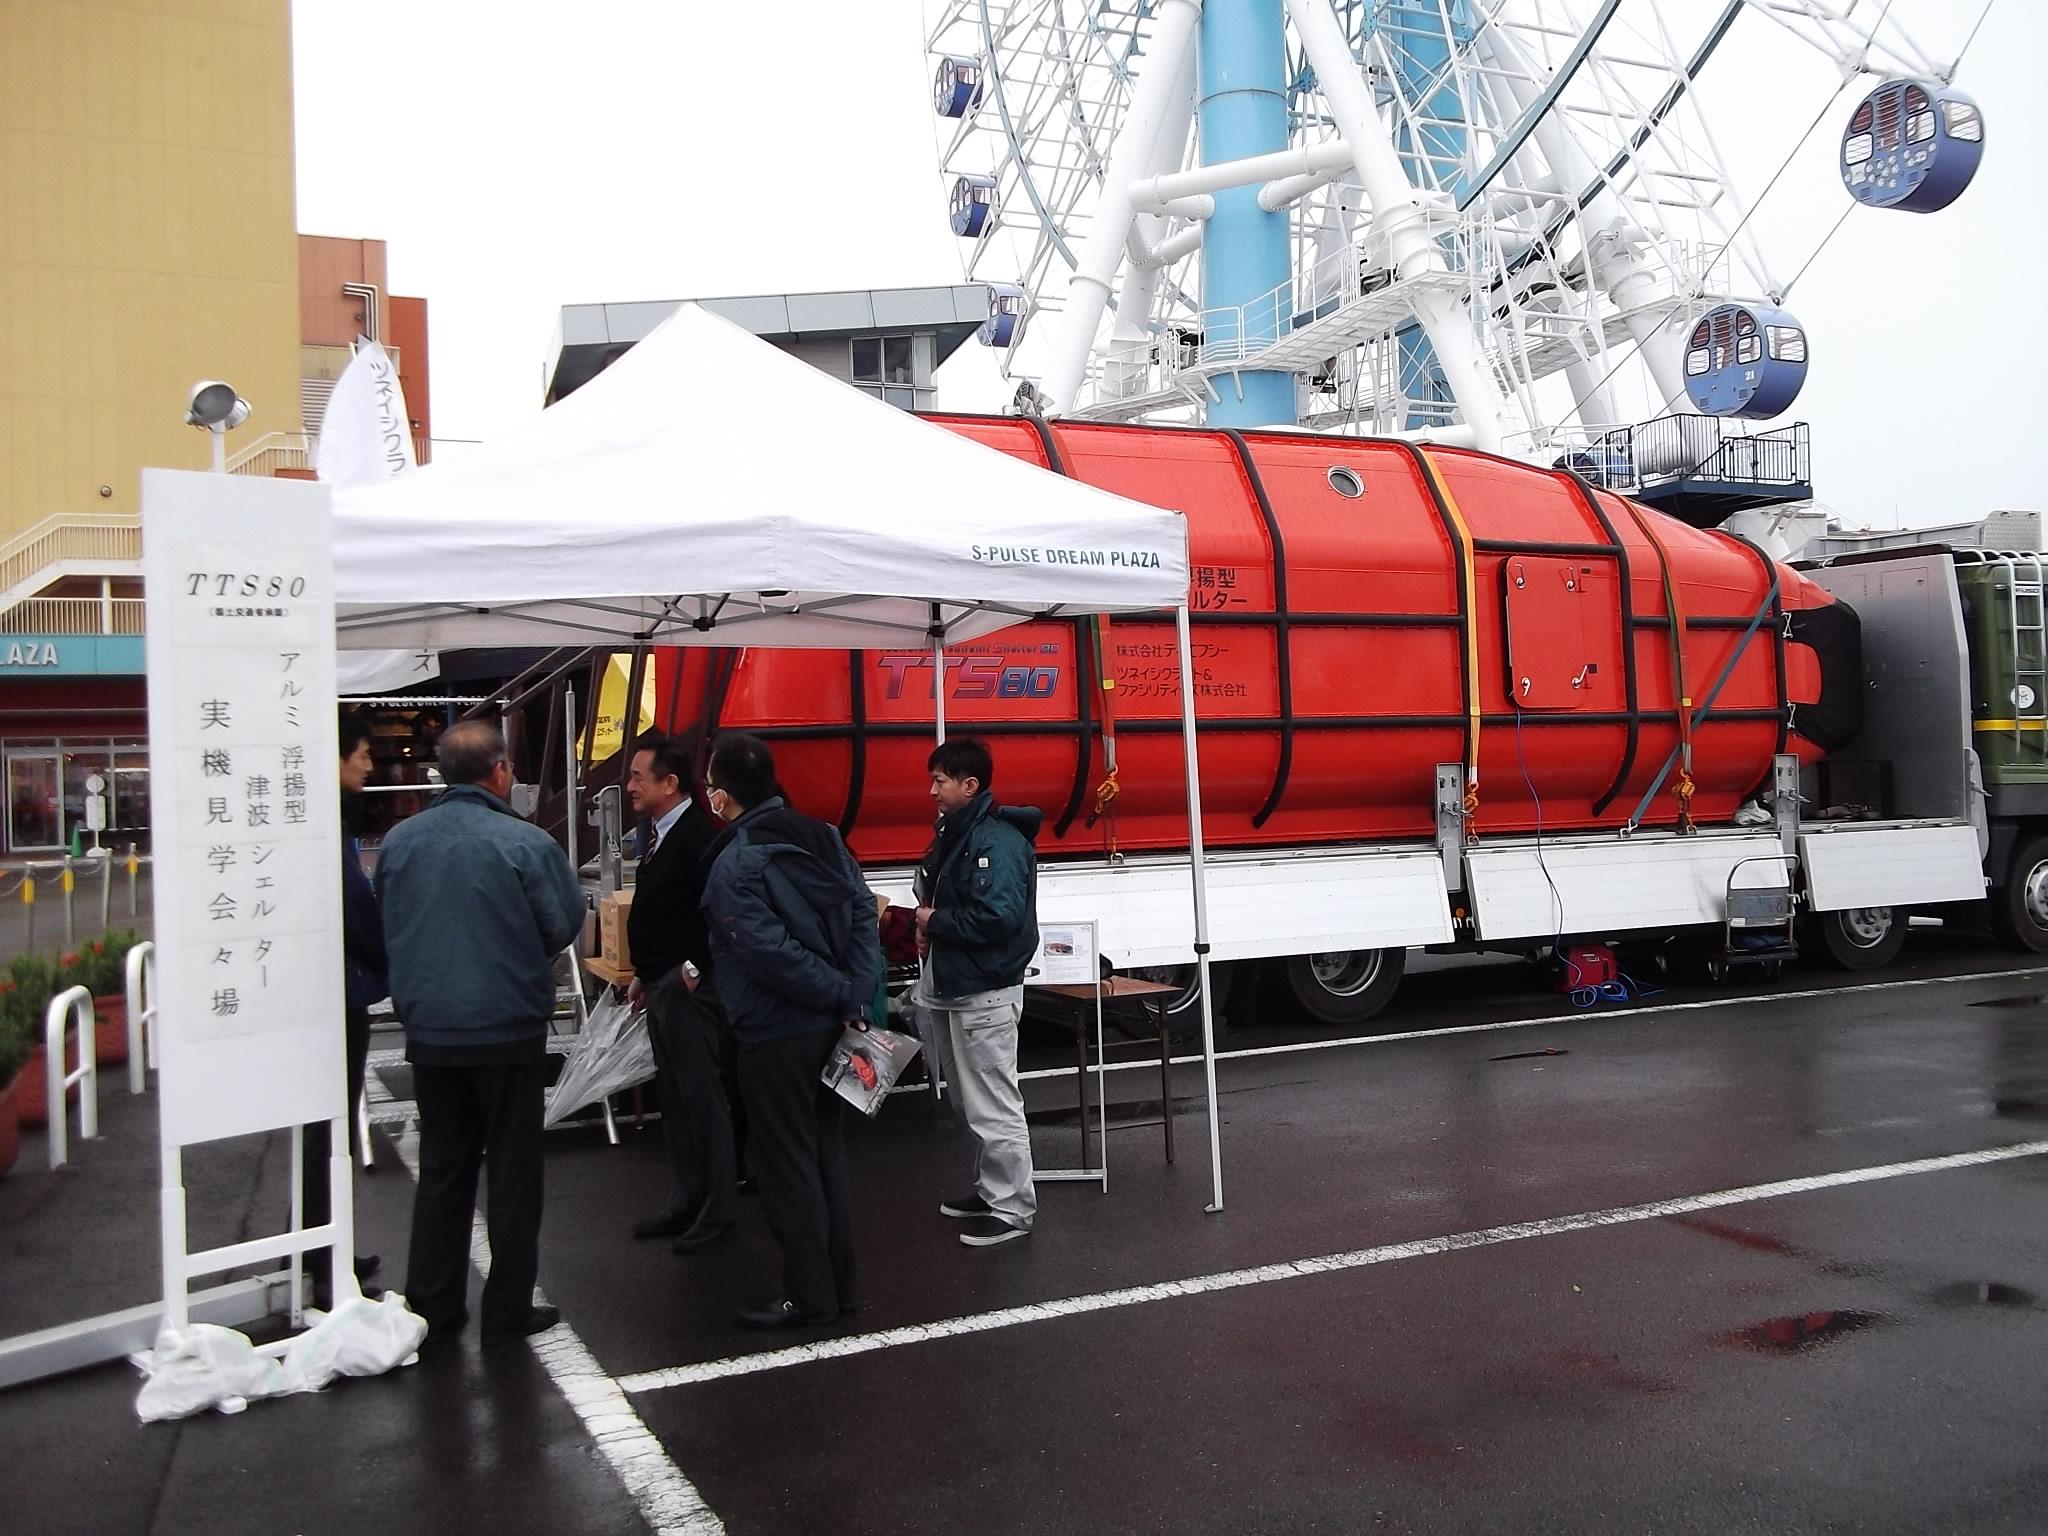 ツネイシクラフト&ファシリティーズが開発した、アルミ浮揚型津波シェルター「TTS80」各地で展示会を開催